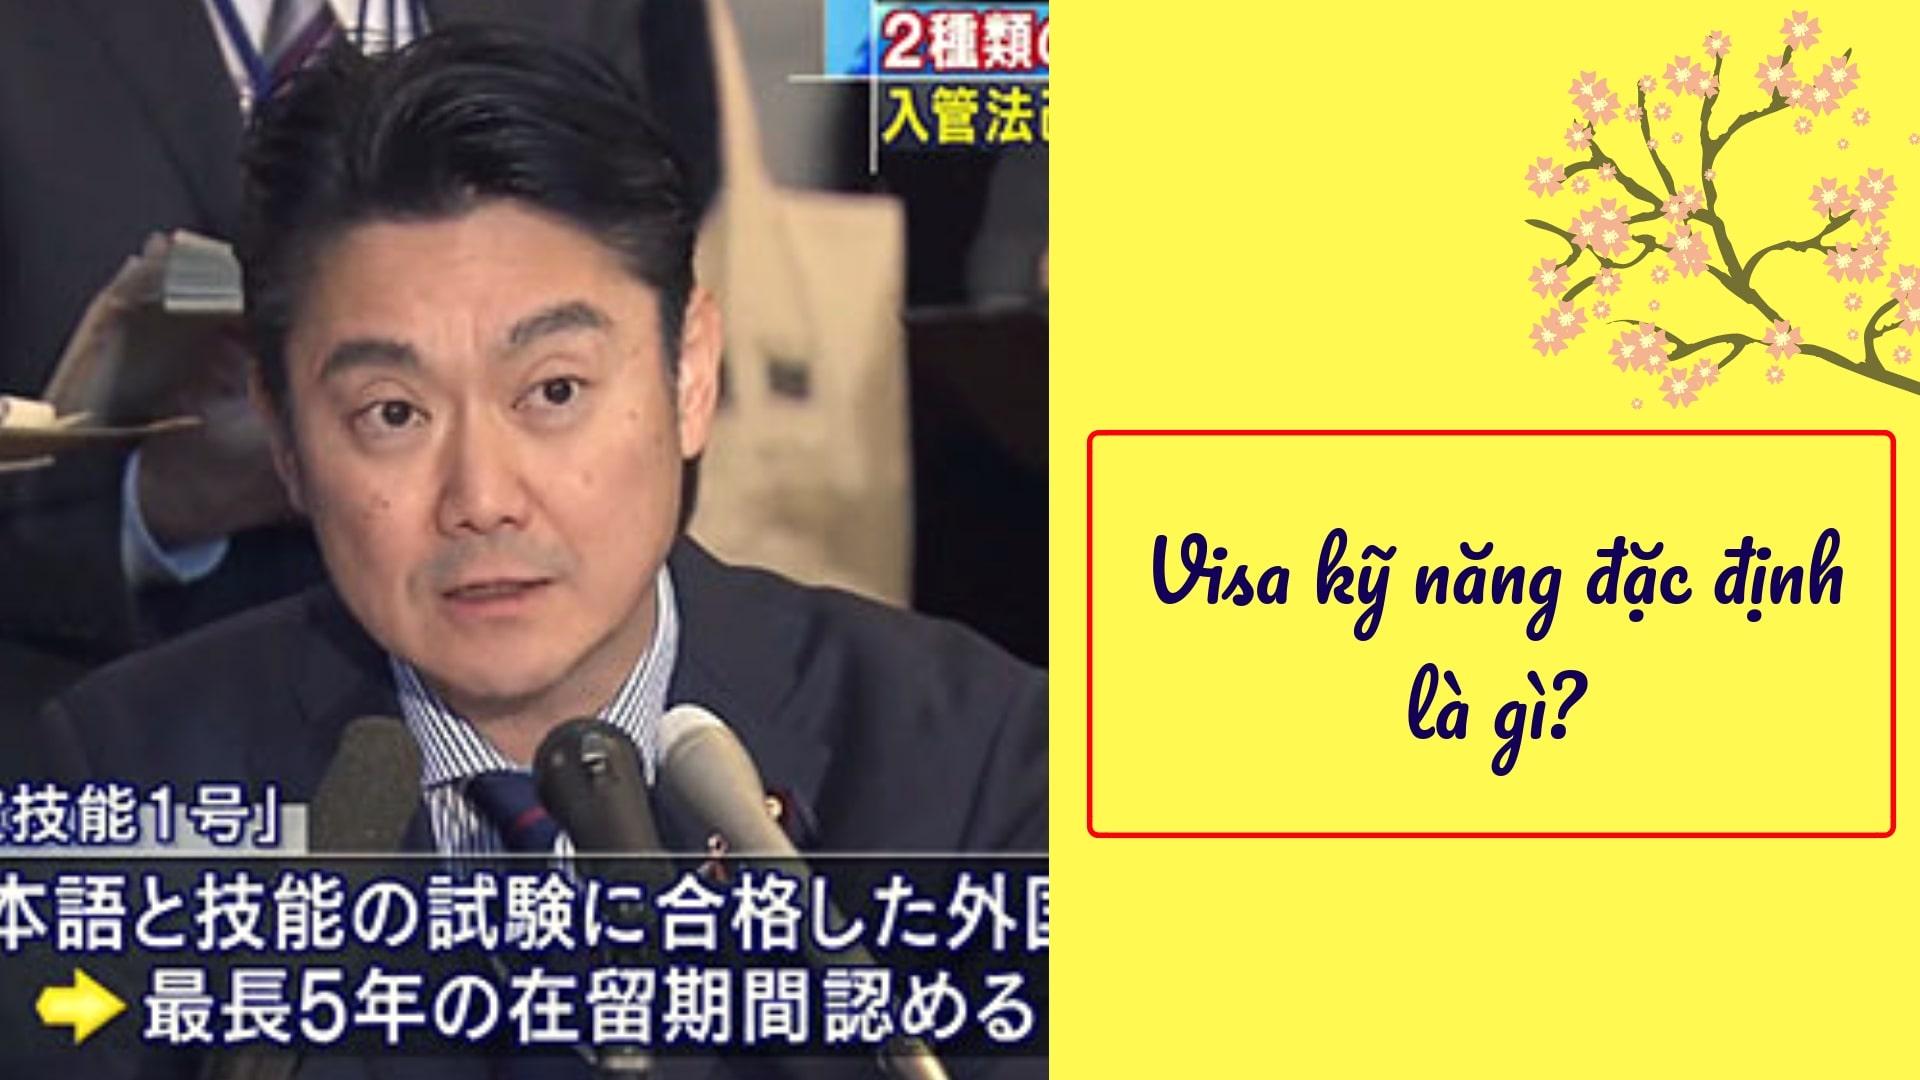 Visa đặc định có bảo lãnh người thân sang Nhật được không?